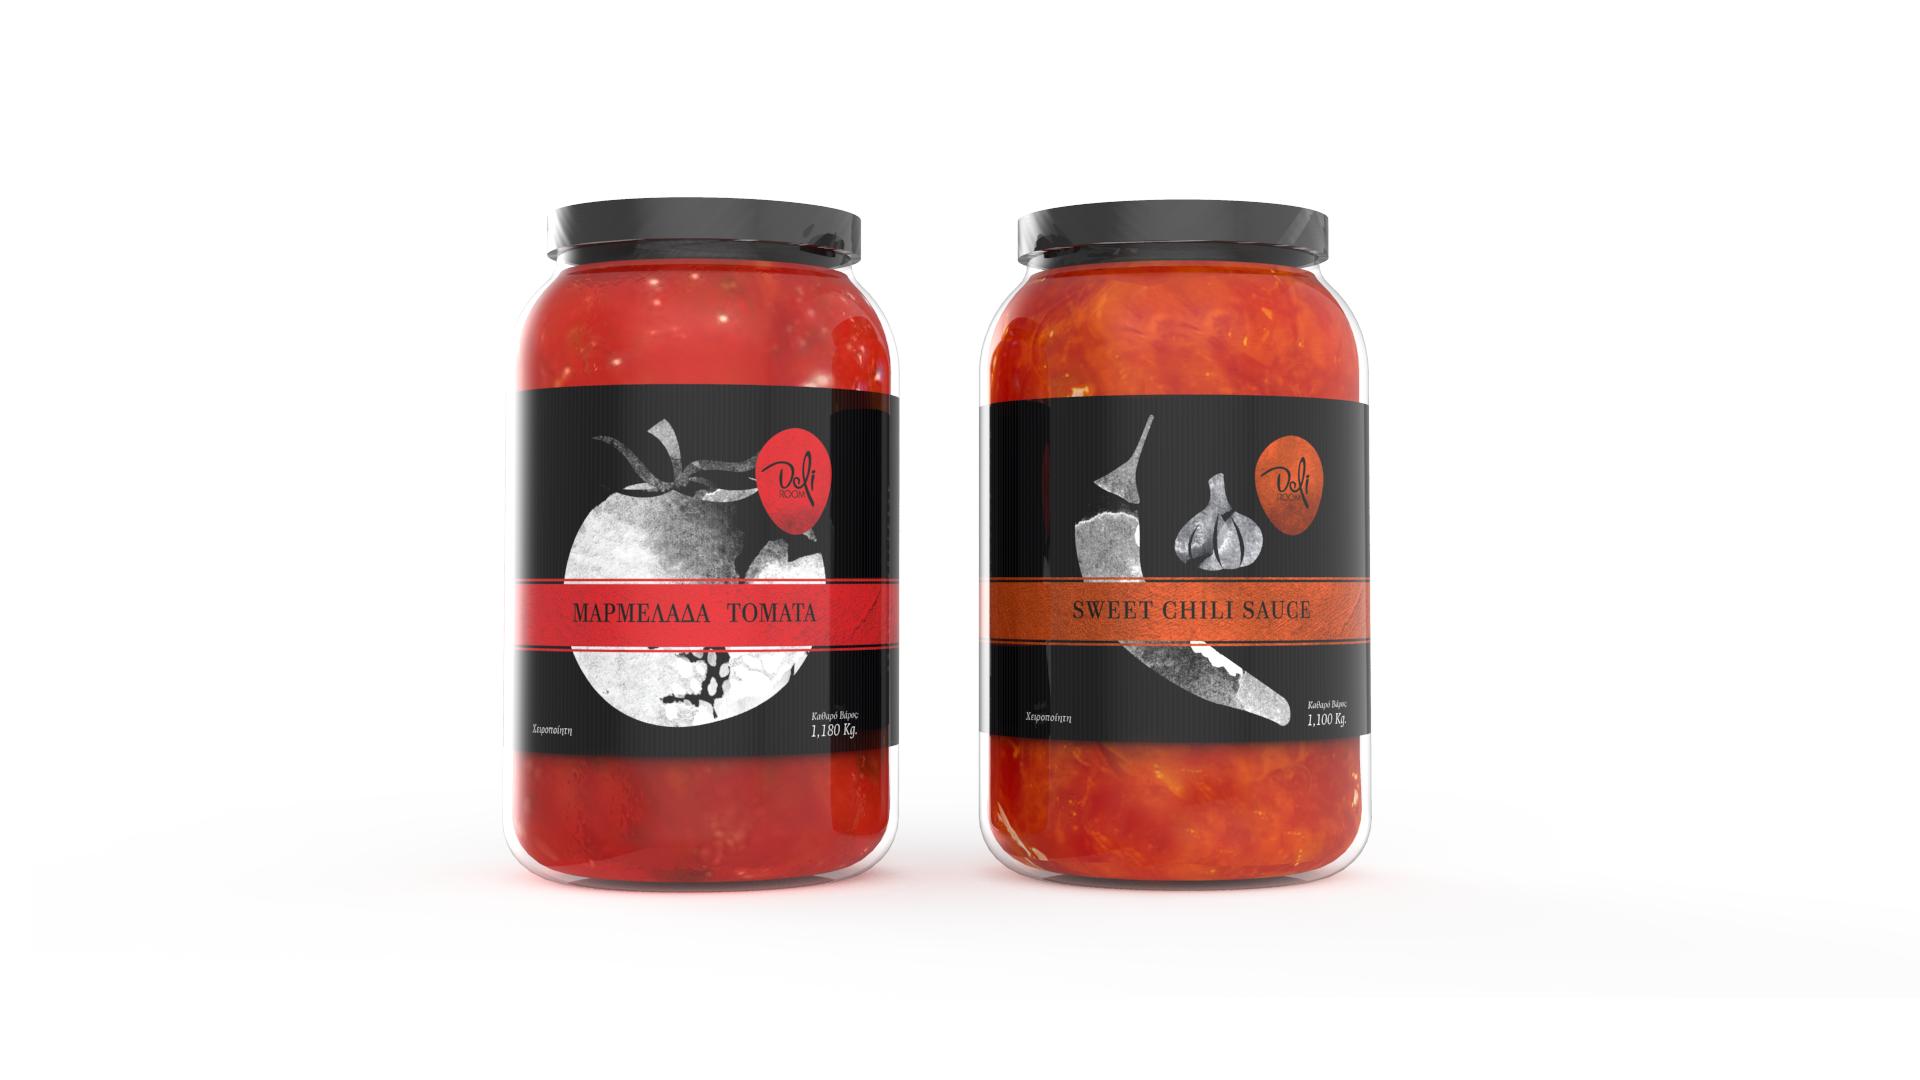 συσκευασία-branding-σχεδιασμός-ετικέτας-packaging-graphic-design